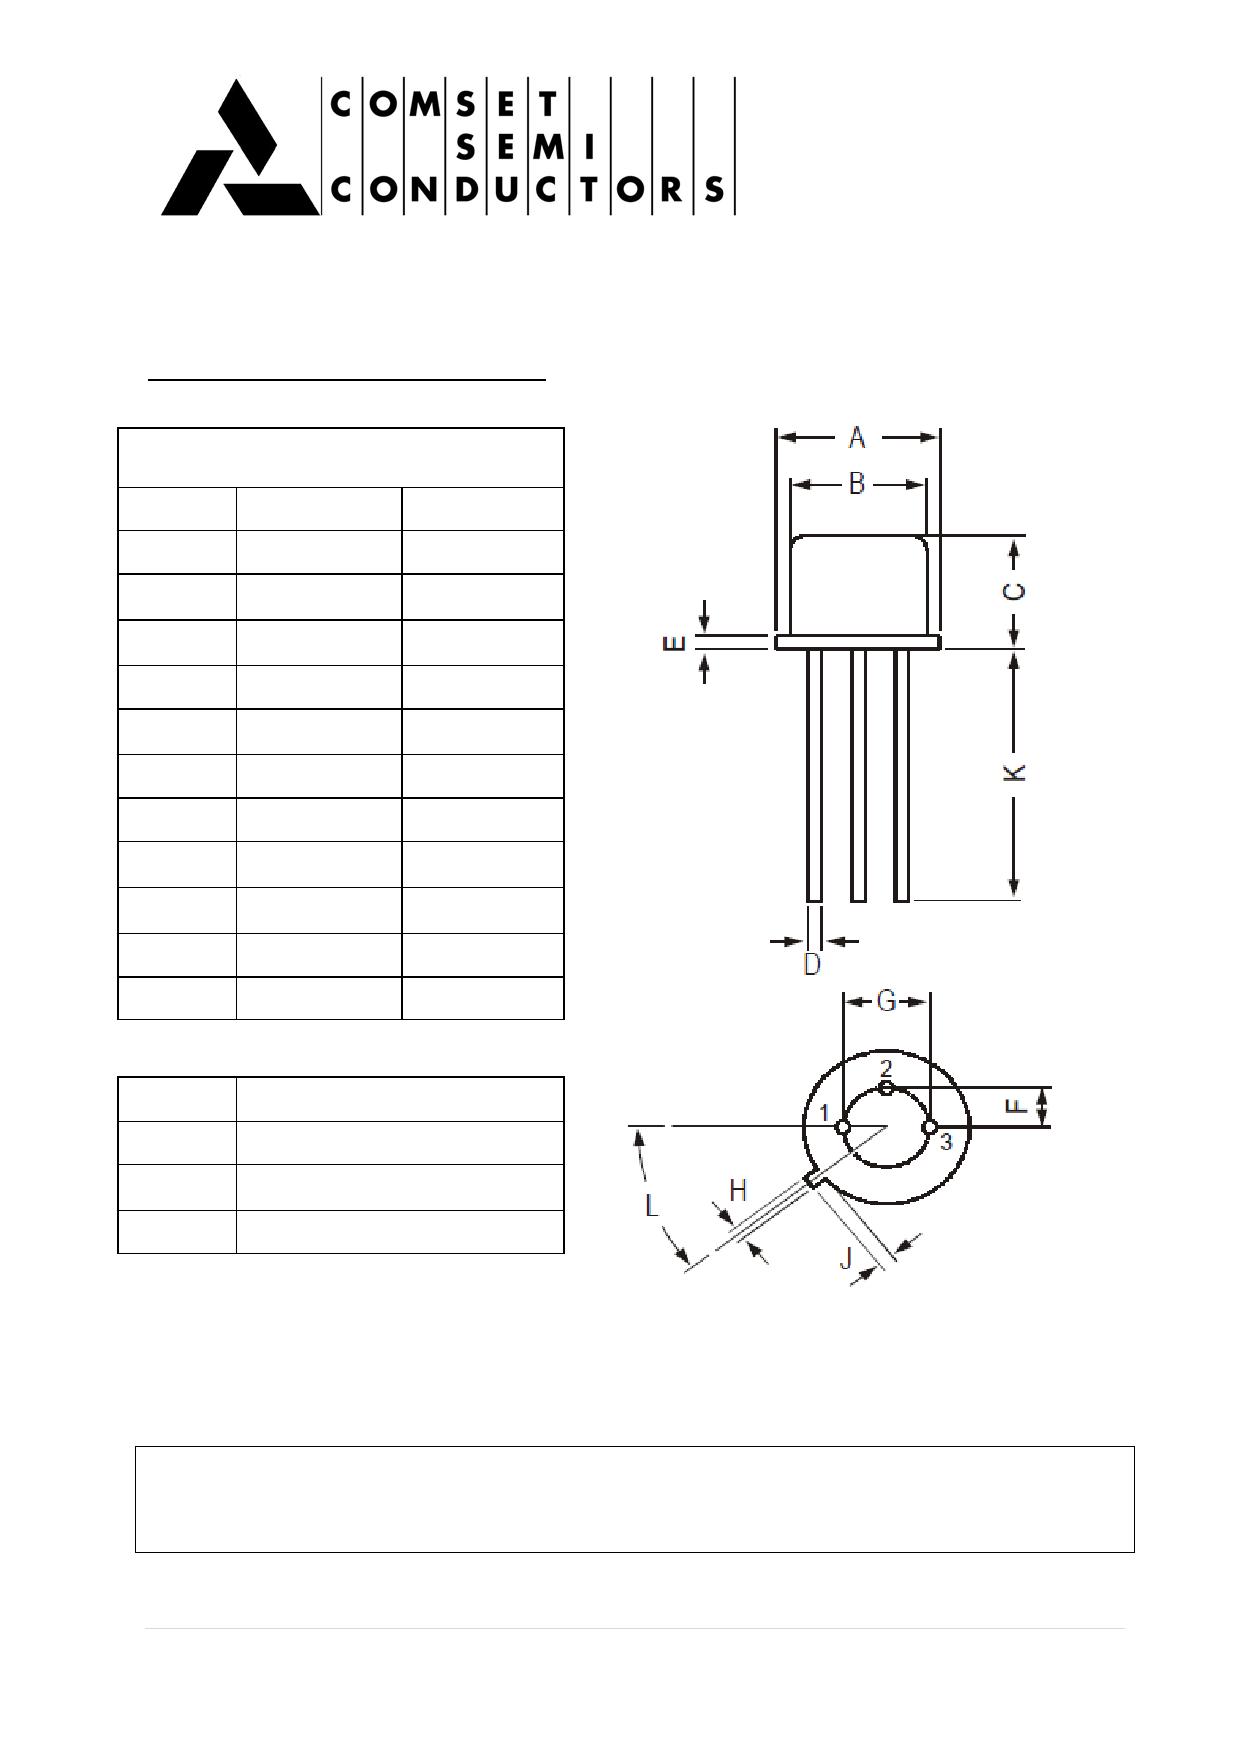 2N1597 pdf, 電子部品, 半導体, ピン配列